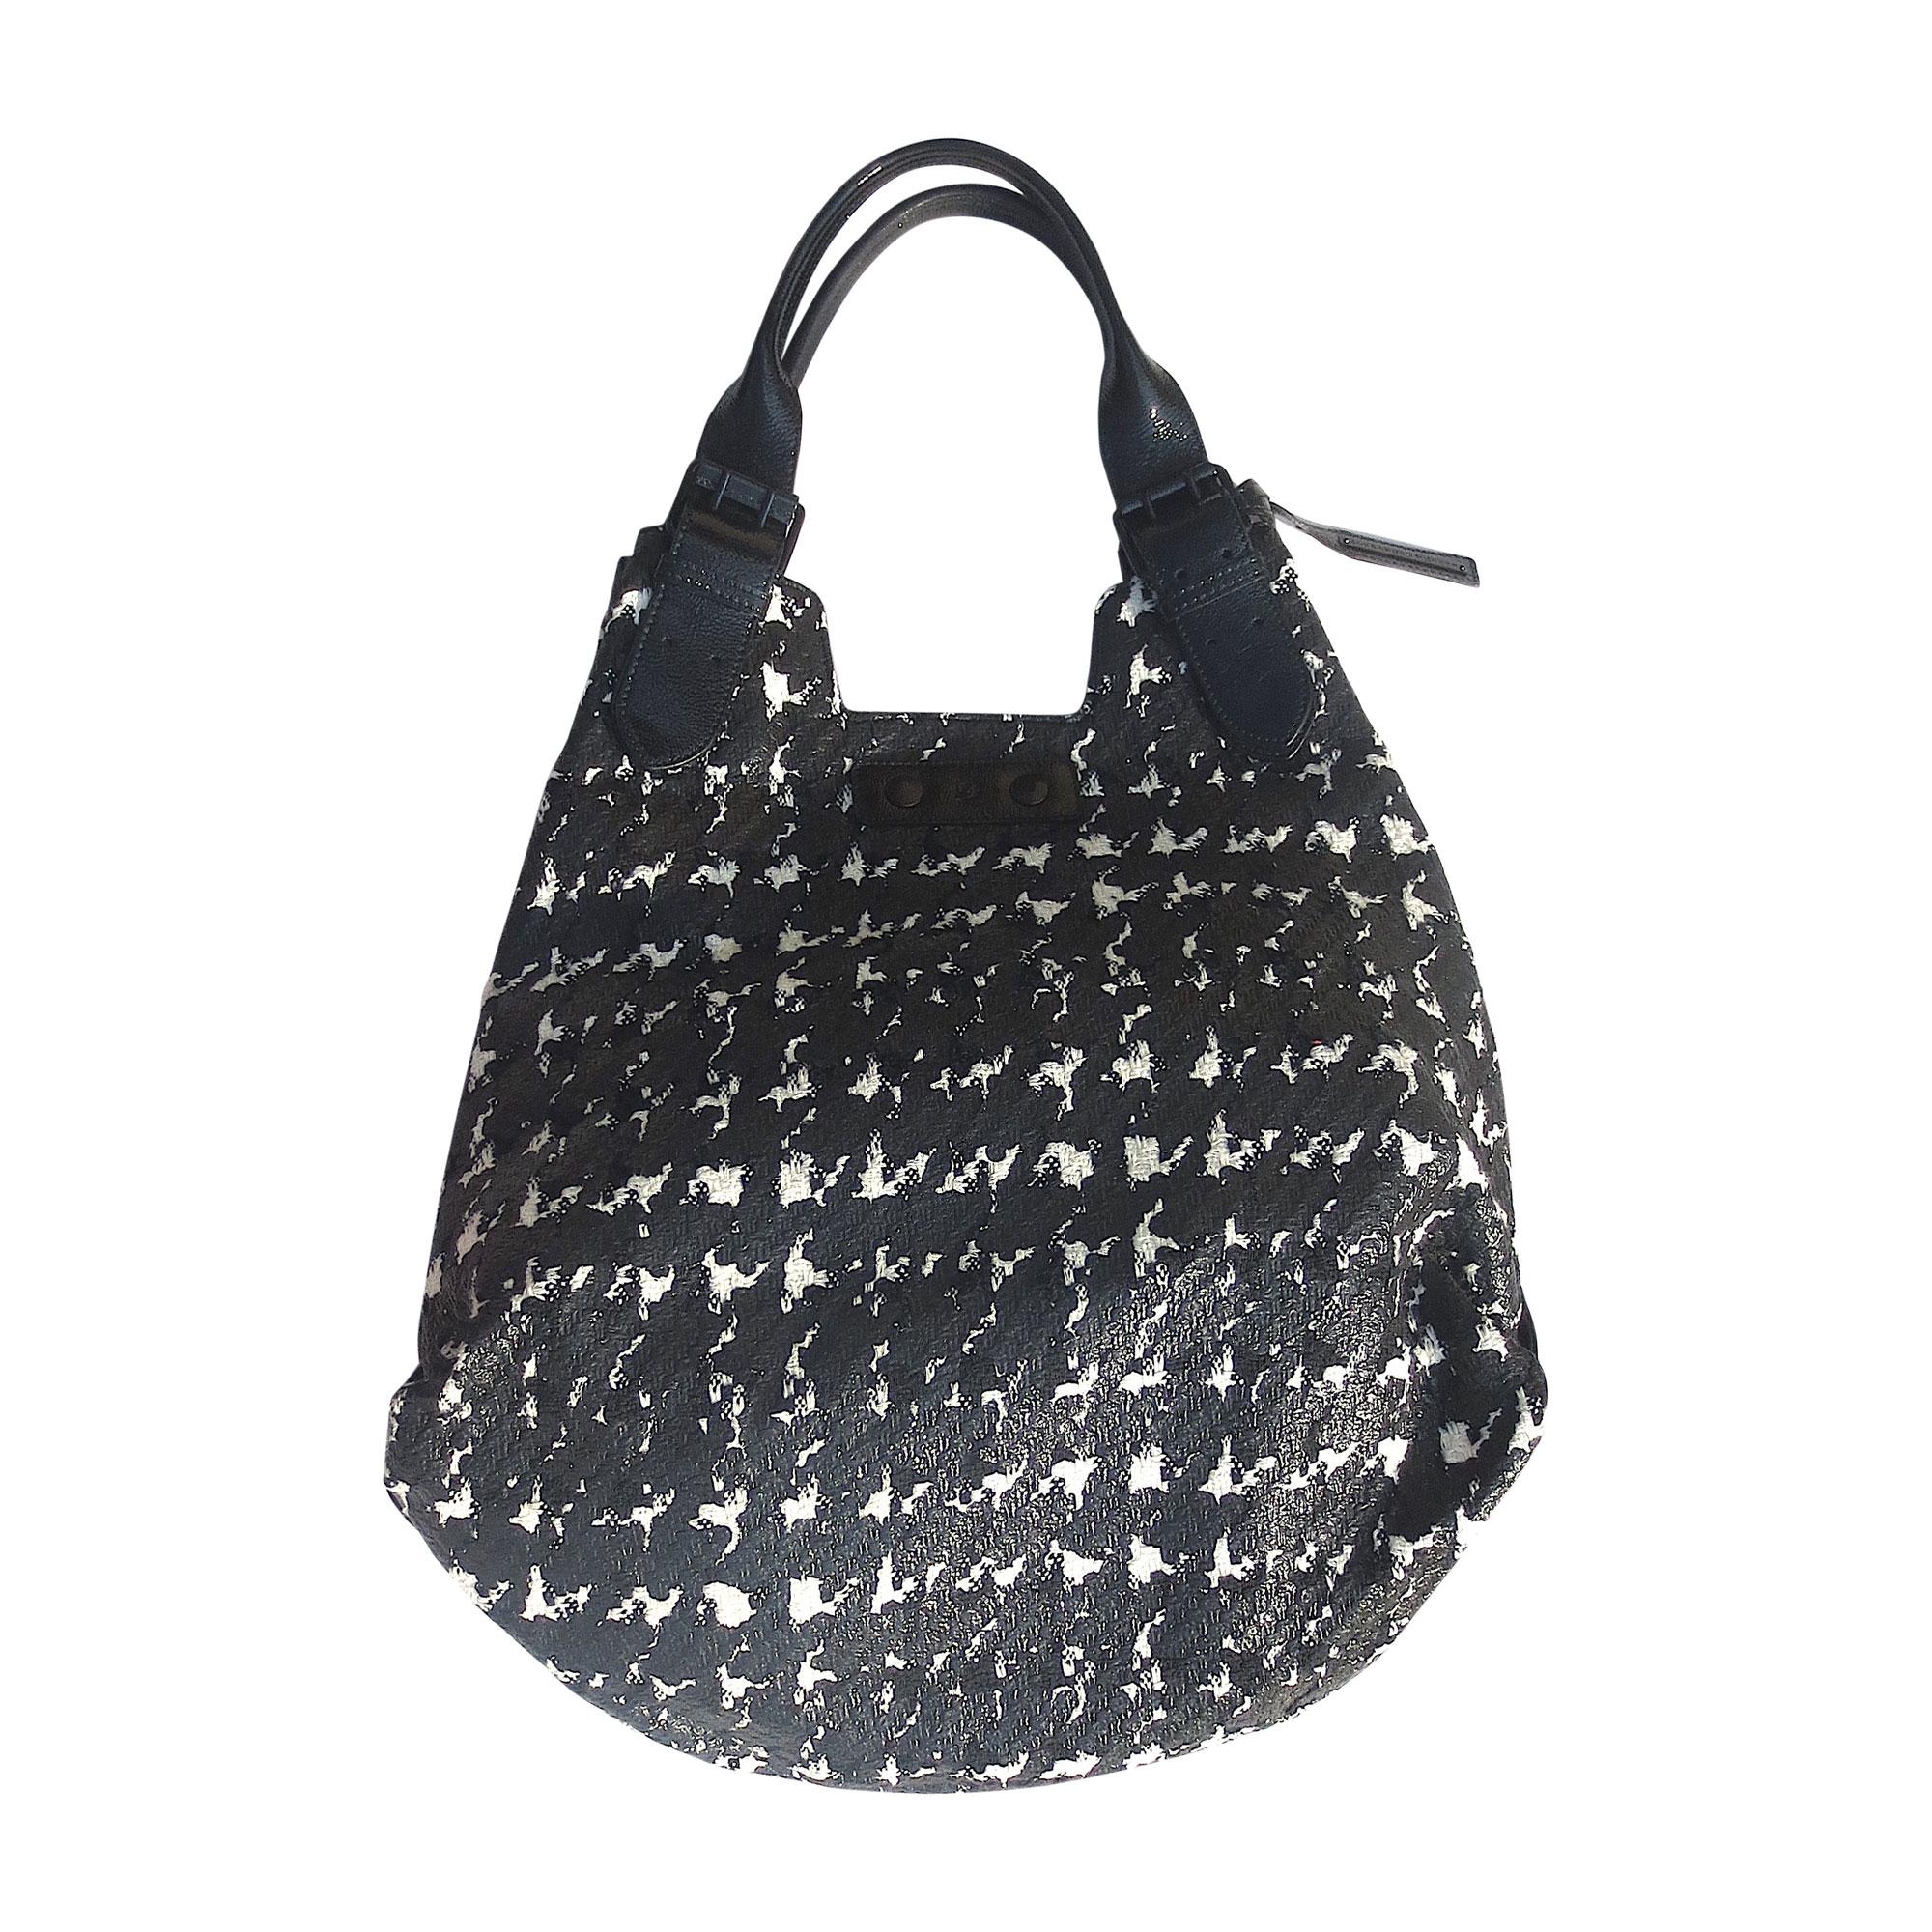 Leather Handbag ALEXANDER MCQUEEN black vendu par Javotte ...